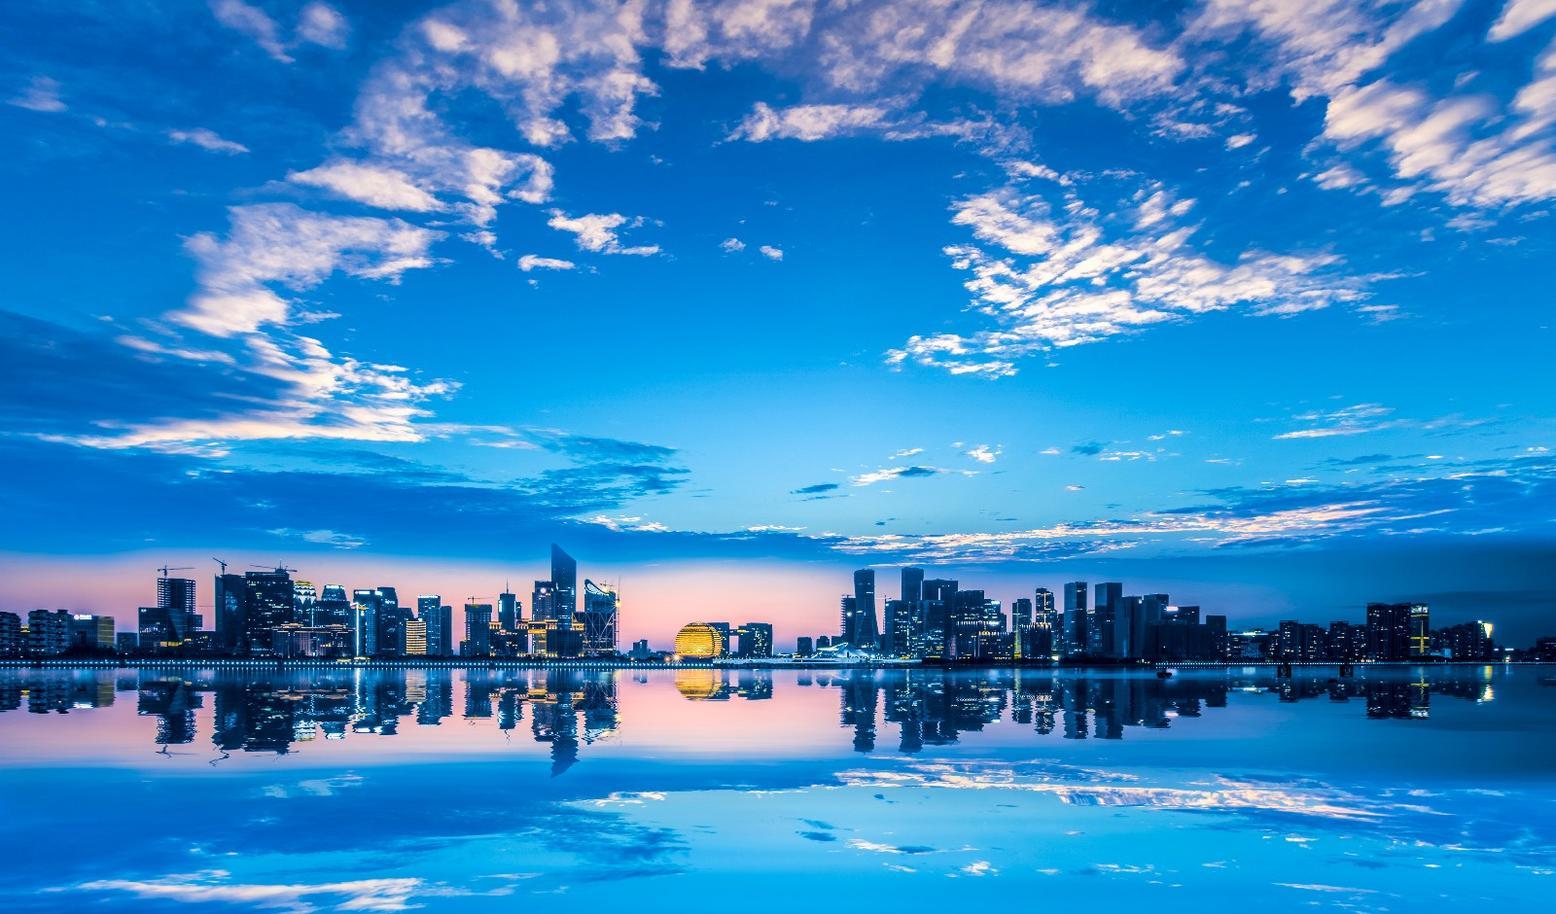 国庆旅游成绩单大比拼!11省市旅游收入超300亿,